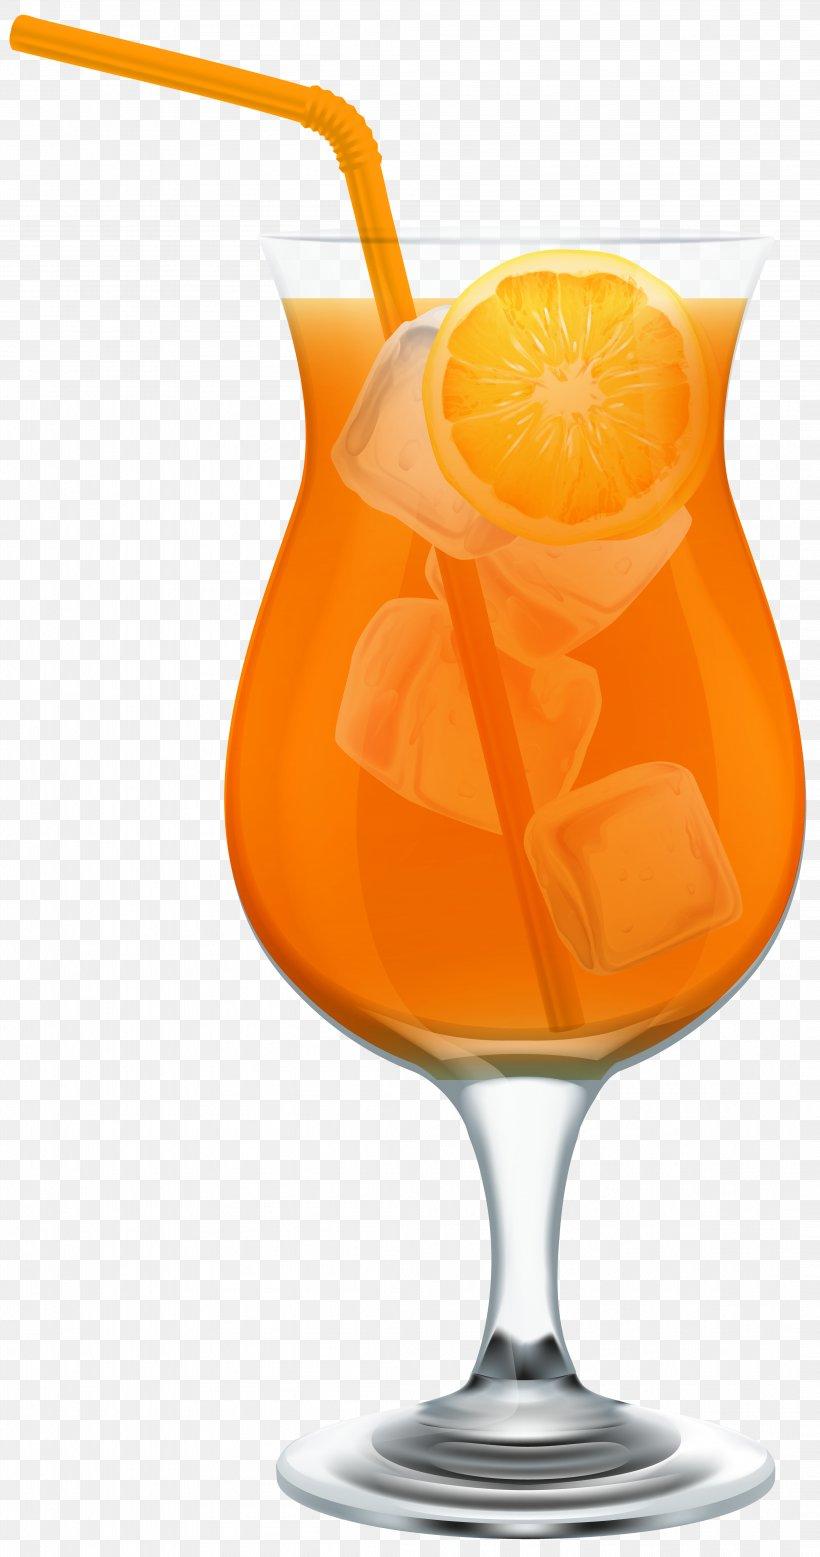 Cocktail Martini Orange Juice, PNG, 4211x8000px, Orange Juice, Agua De Valencia, Cocktail, Cocktail Garnish, Cup Download Free